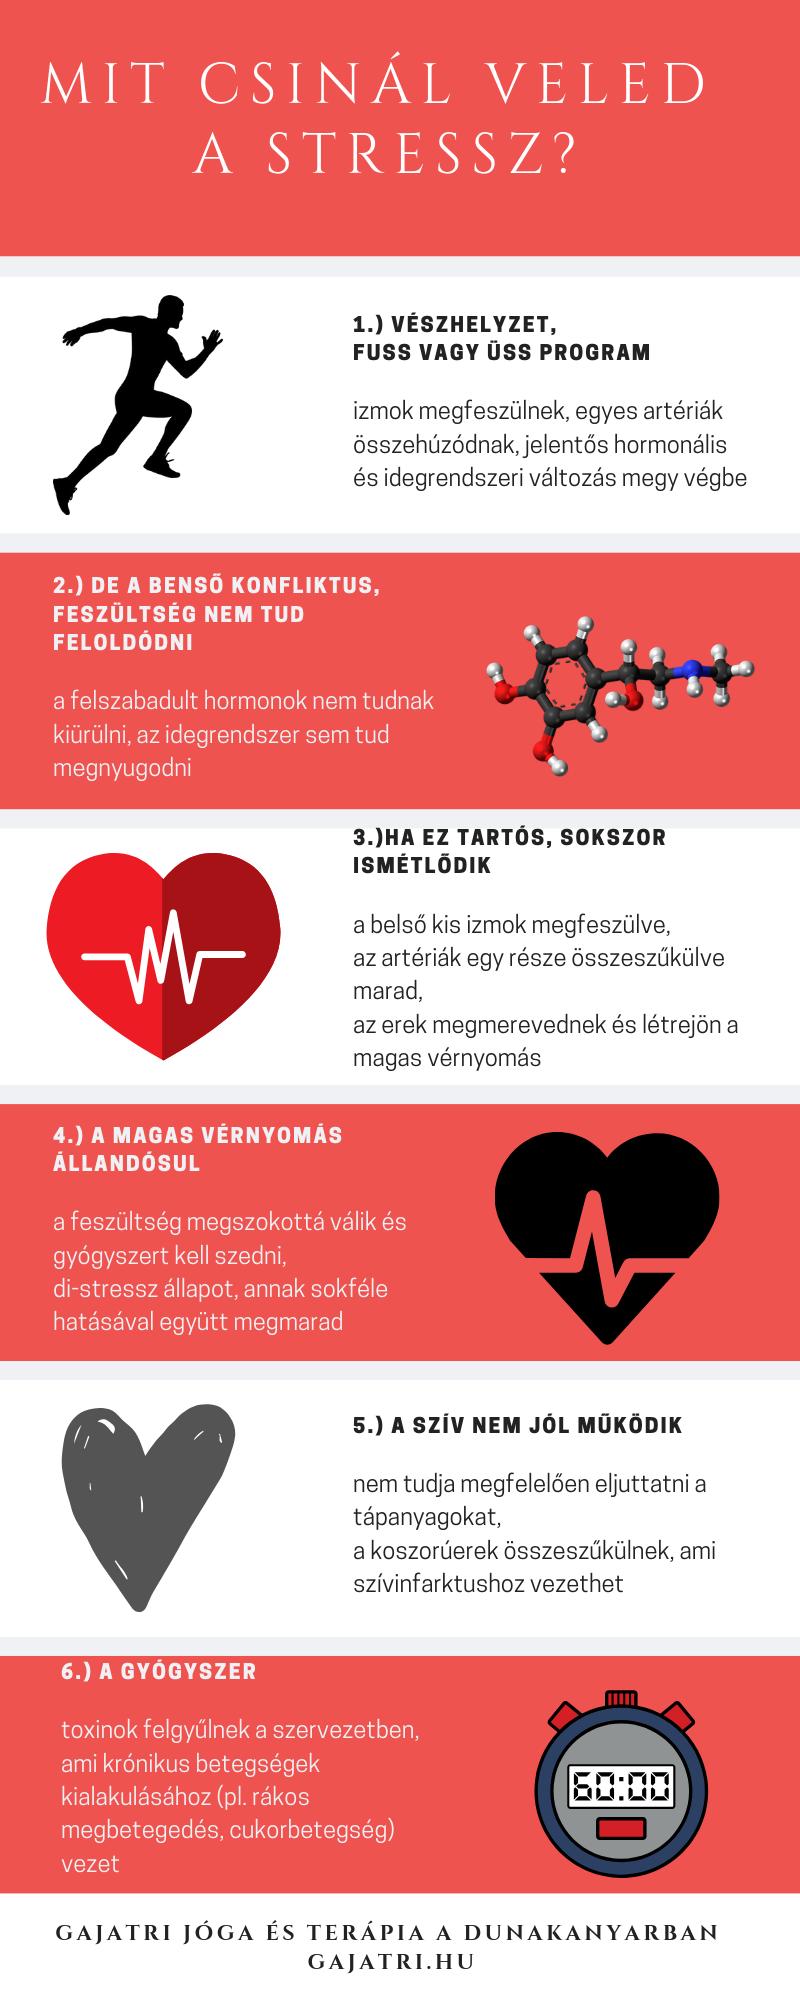 magas vérnyomás diagnosztizálására magas vérnyomás aki statisztikák